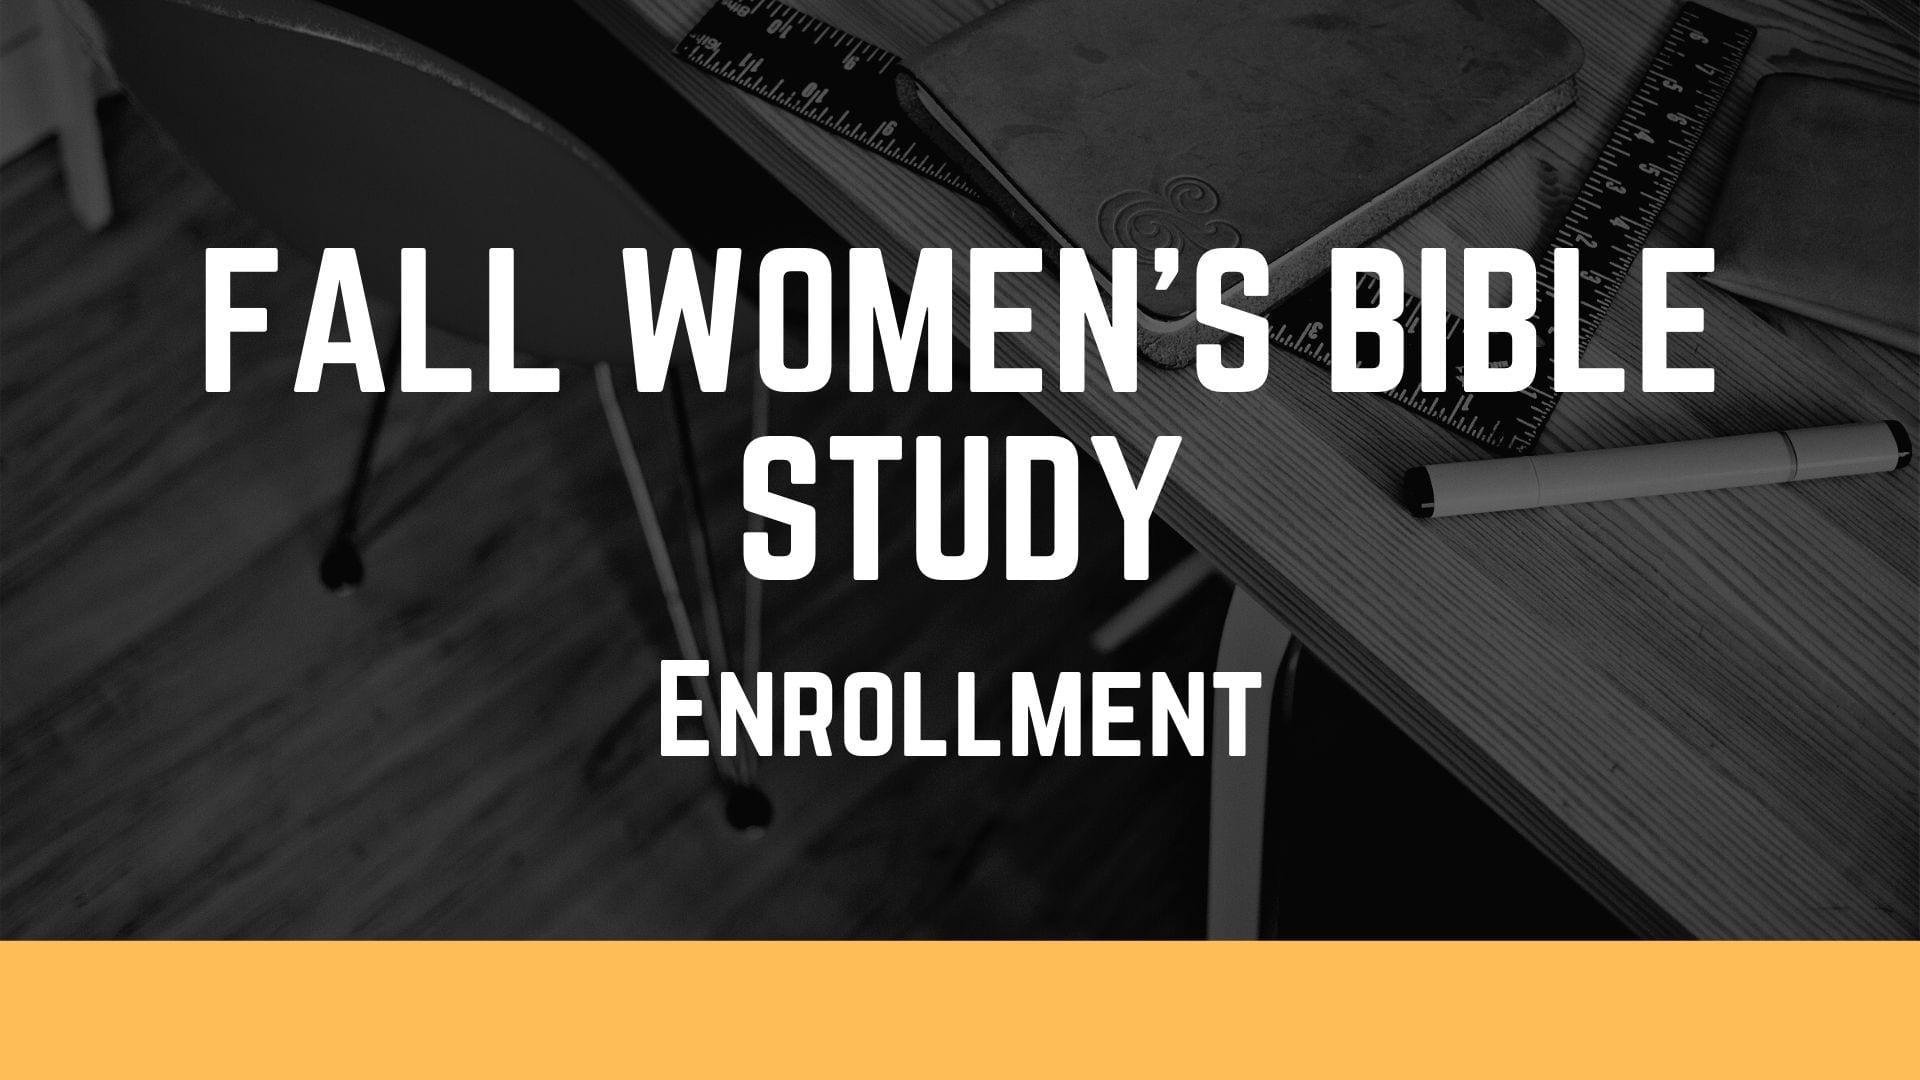 Fall Women's Bible Study Enrollment